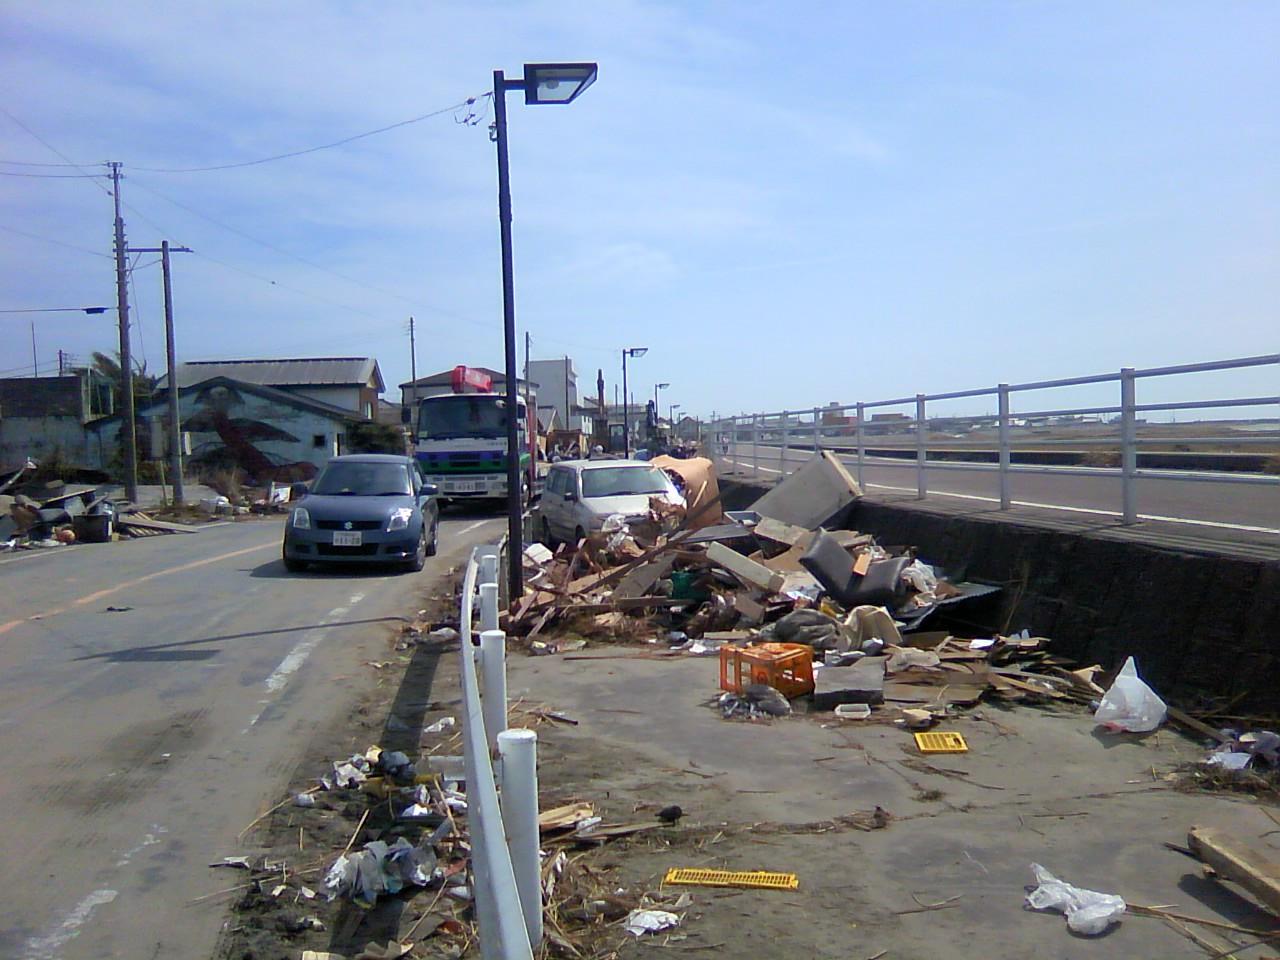 千葉県旭市飯岡の津波被害については、記事も多いし、津波が来る様子を捉えた... 旭市飯岡の津波被